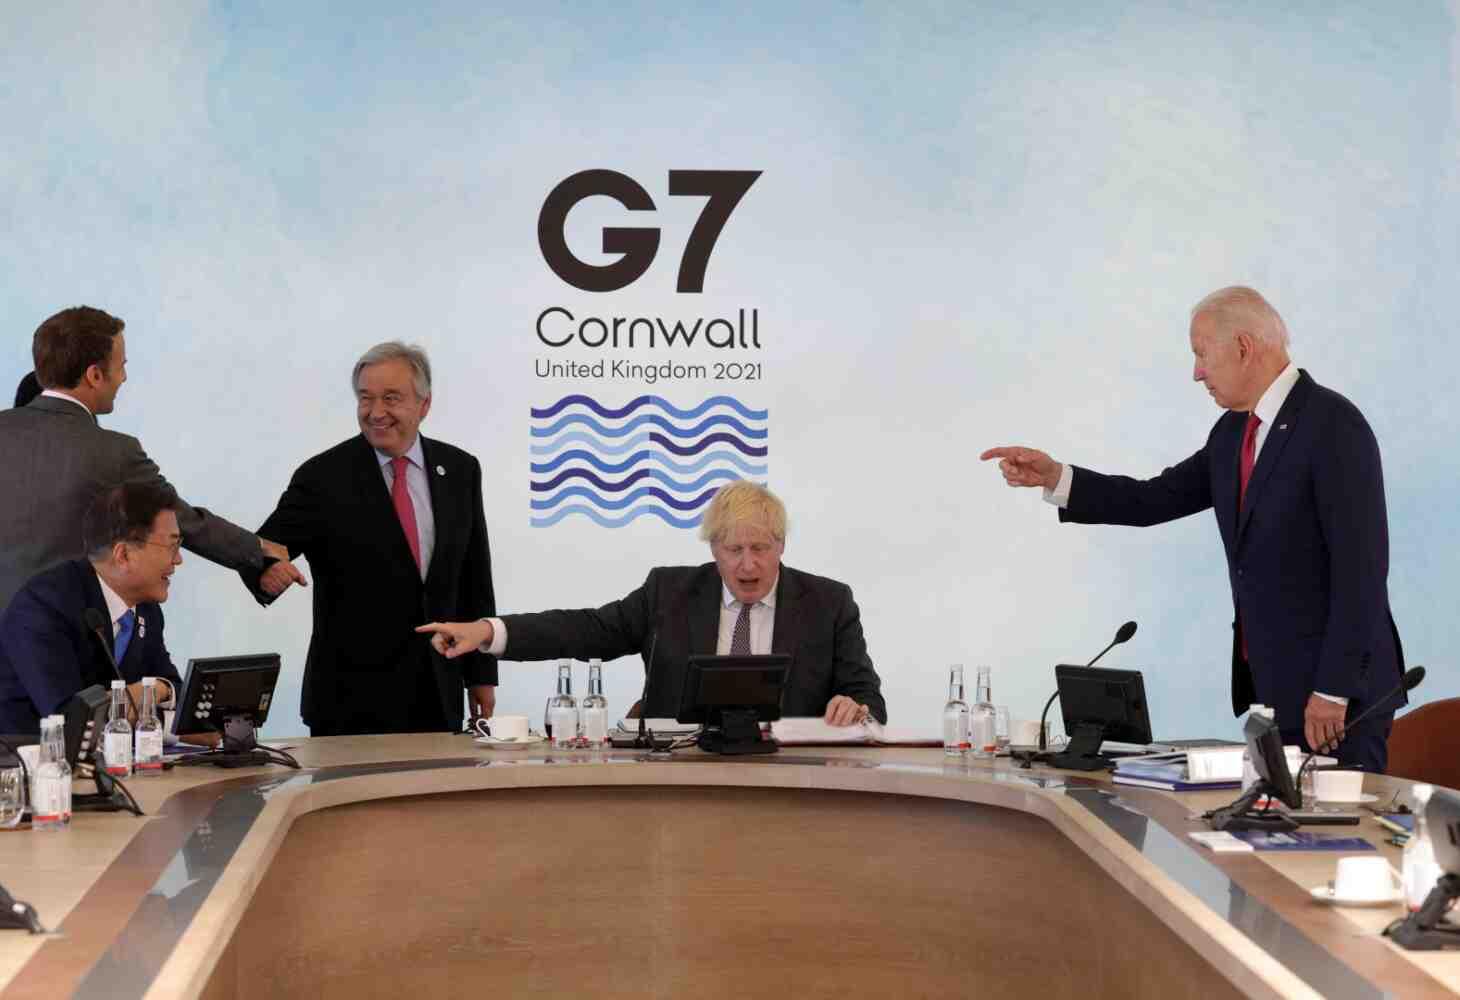 N-TV: Китай обвини страните от G7 в намеса във вътрешните работи